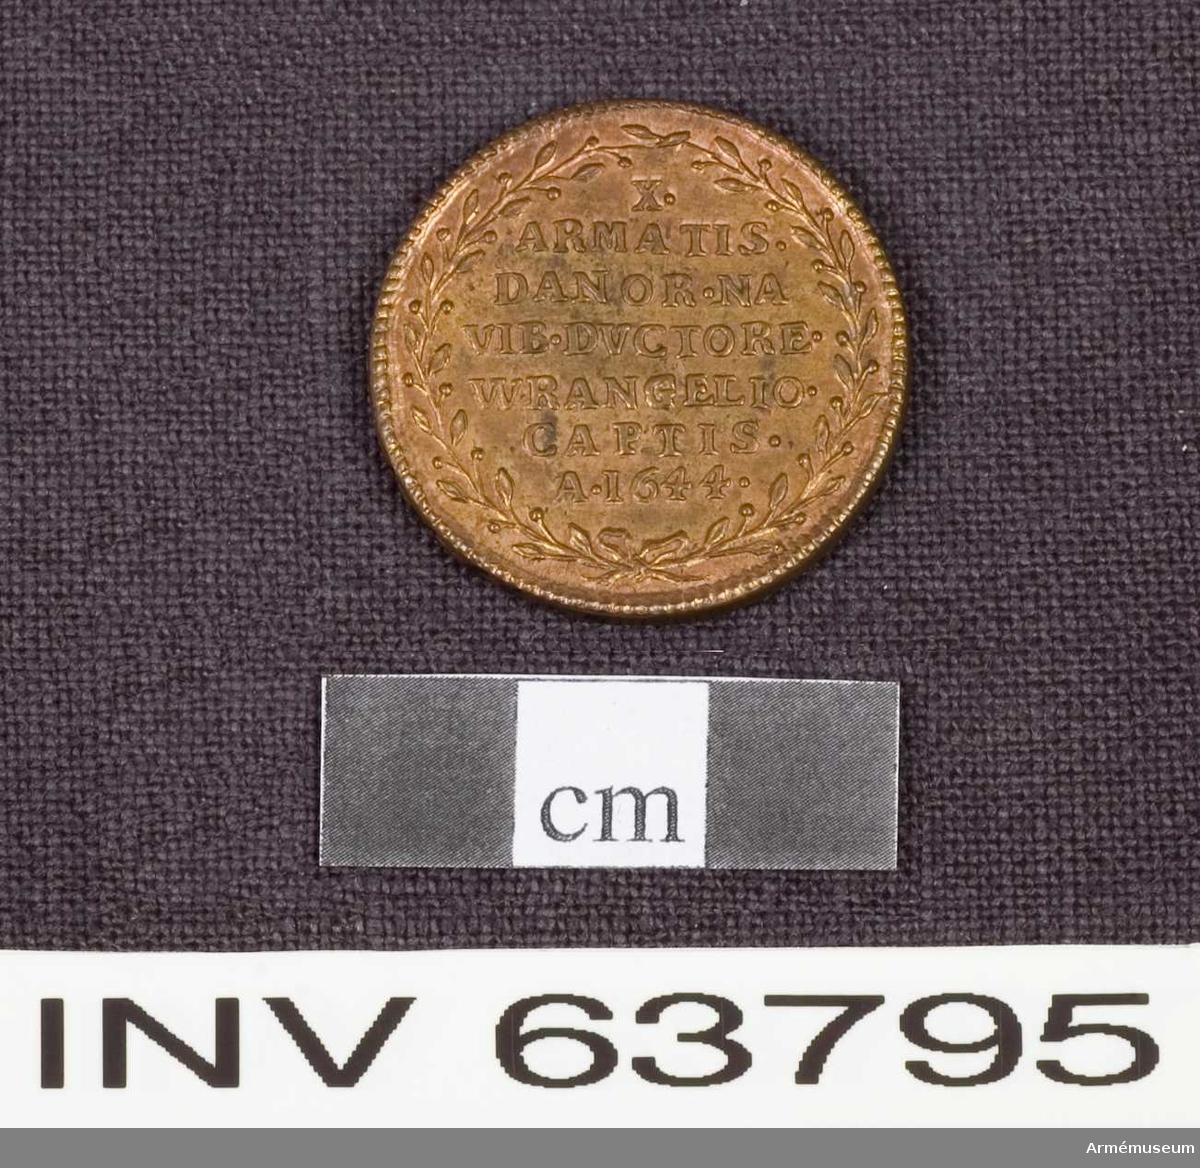 """Grupp M. Medalj av 6. storleken. Slaget vid Fernum den 13 oktober 1644 under Carl Gustaf Wrangels befäl. Medaljen är av brons och pärlkantad på båda sidor.   ÅTSIDAN: """"CHRISTINA. REGINA"""". Bröstbild åt höger i mantelveck.  FRÅNSIDAN: """"X. ARMATIS. DANOR. NAVIB. DYCTORE. WRANGELIO. CAPTIS. A.1644"""" på sju rader inom en lagerkrans."""